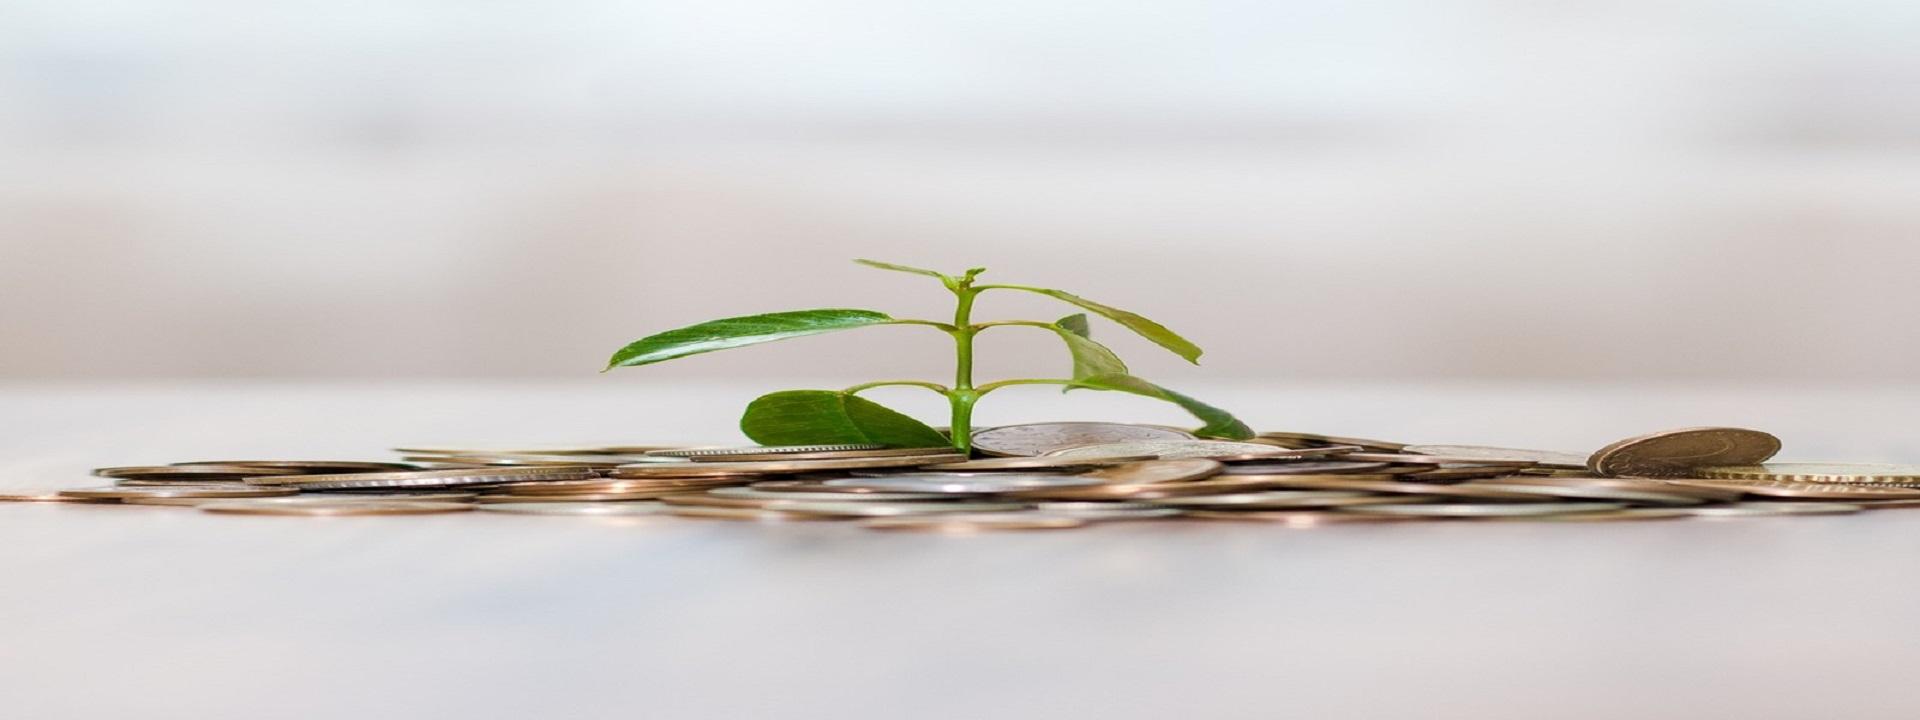 4 tipy jak refinancovat úvěr, pokud máte nízký a nestabilní příjem